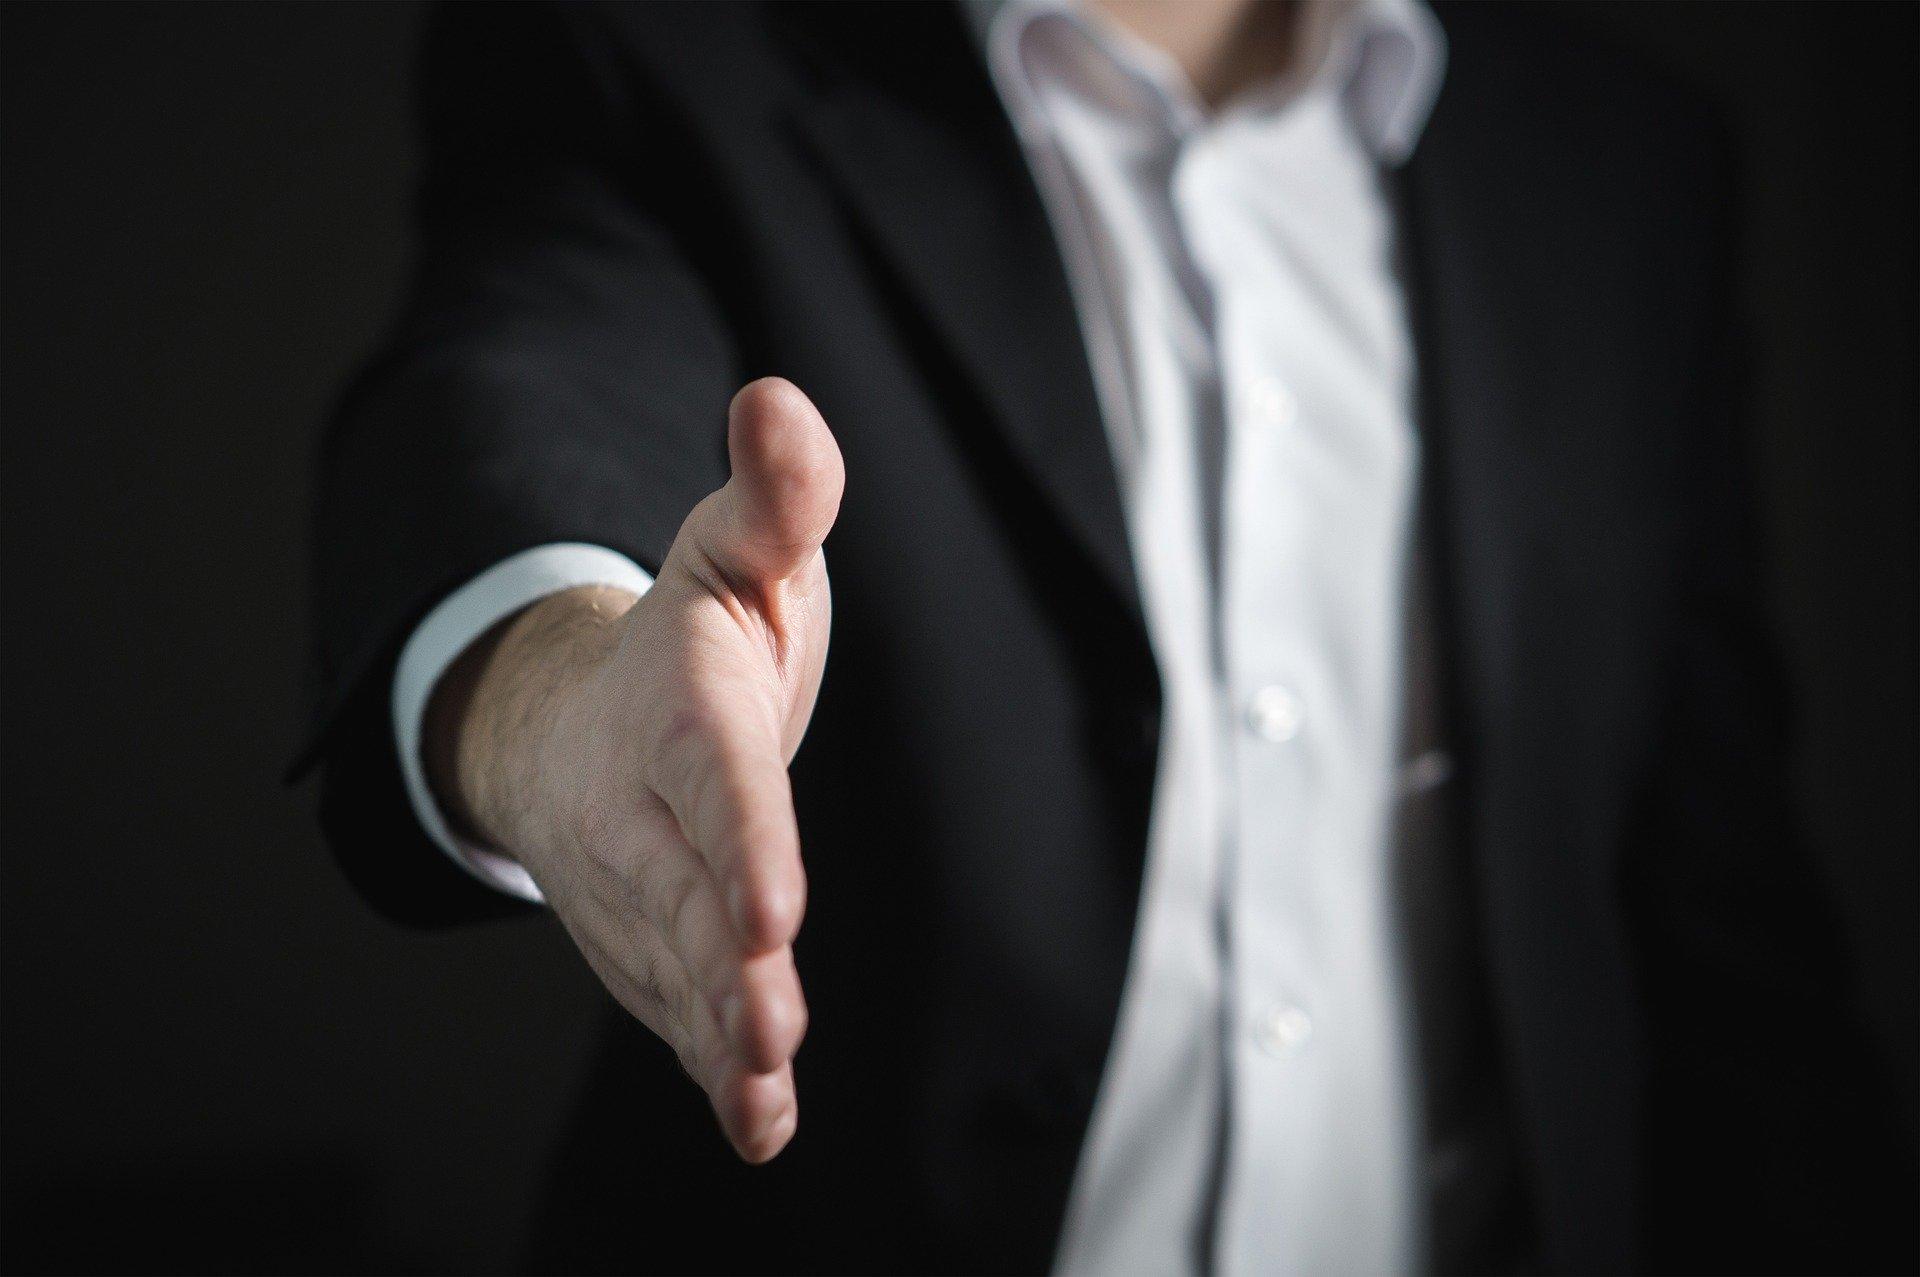 Handshake-Hiring